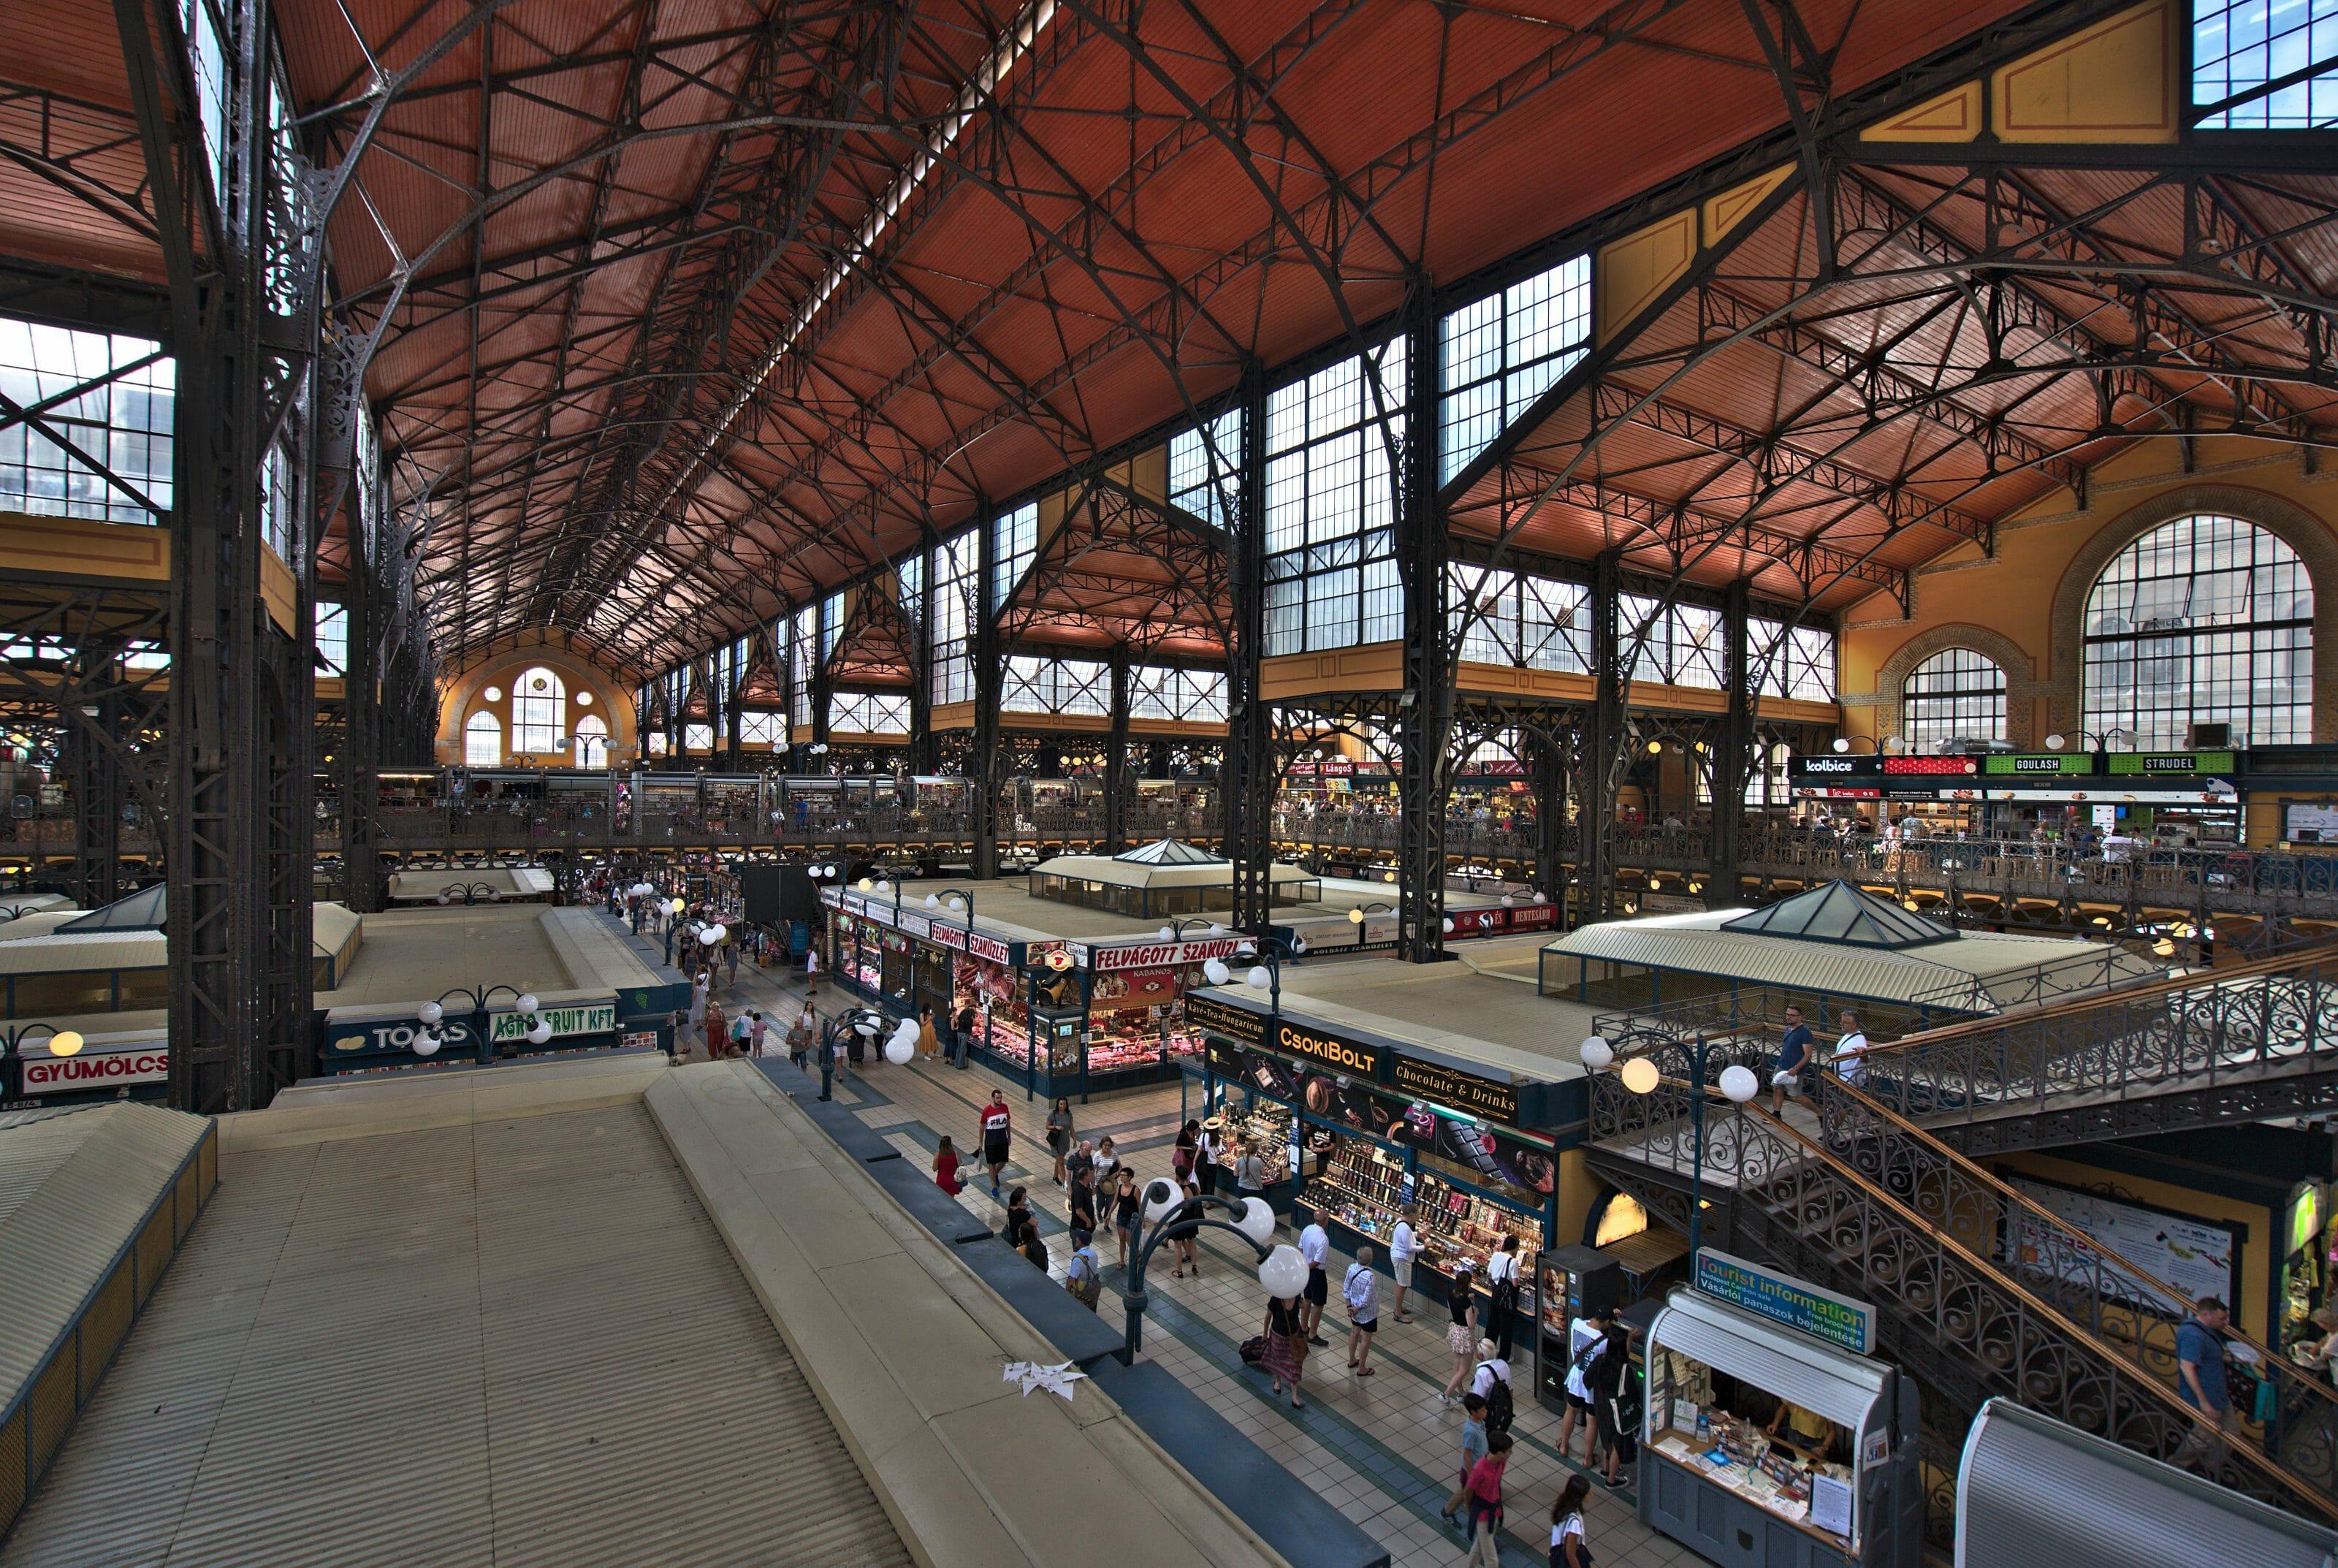 marché couvert de Budapest